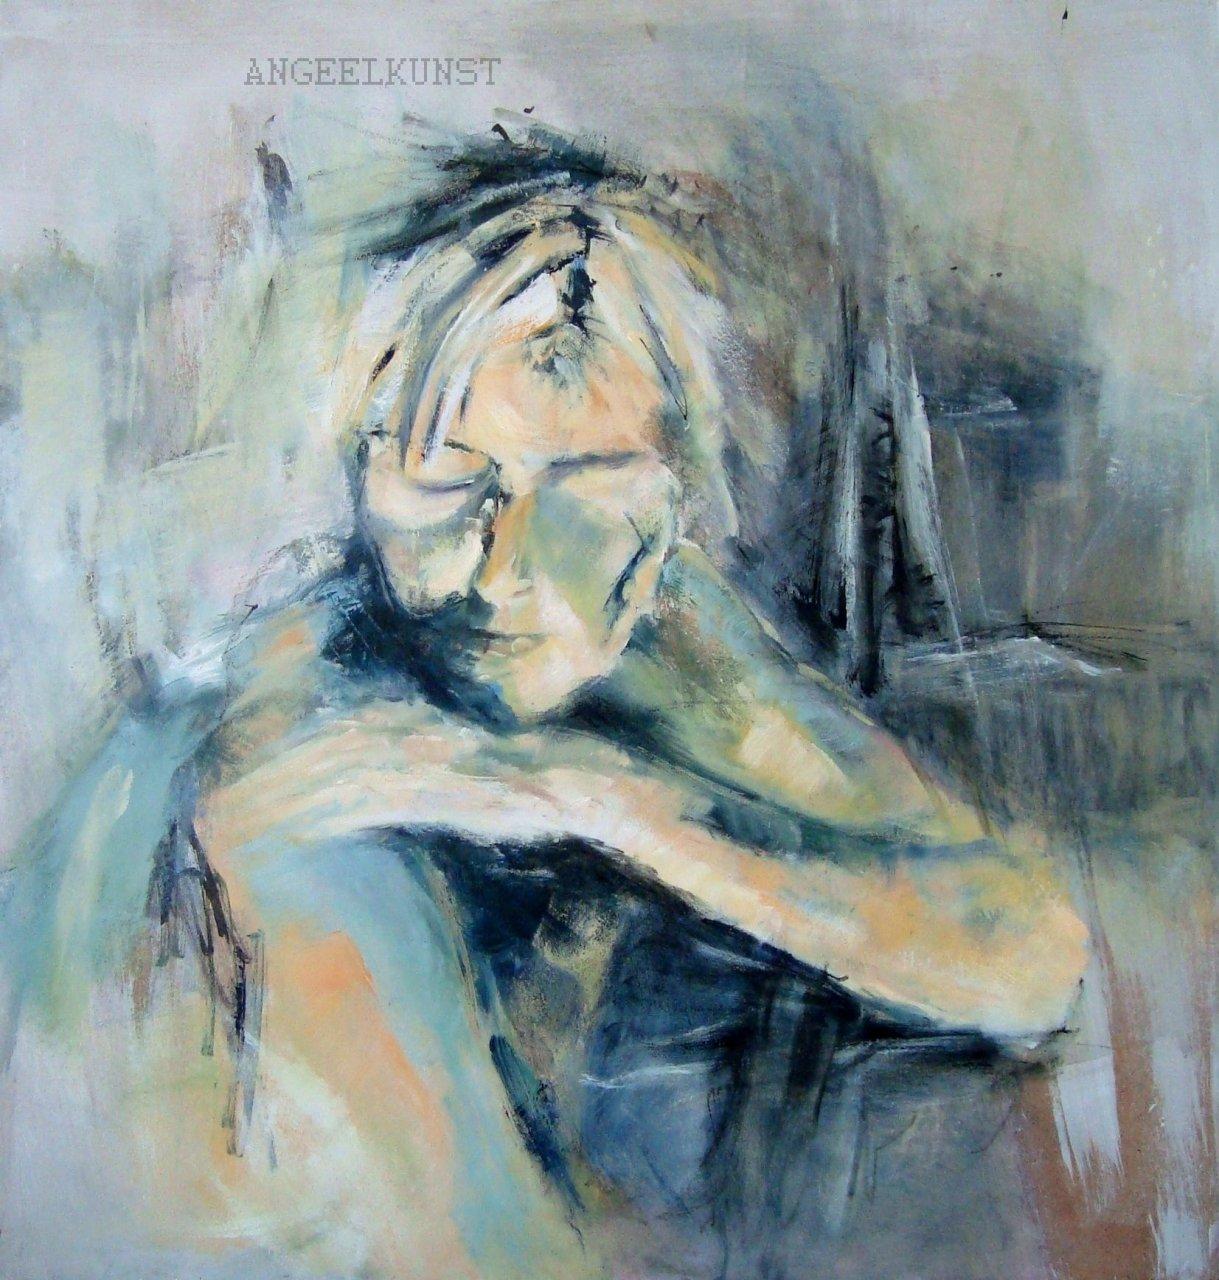 Modern portret schilderij van angelika poels angelika poels for Moderne schilderkunst